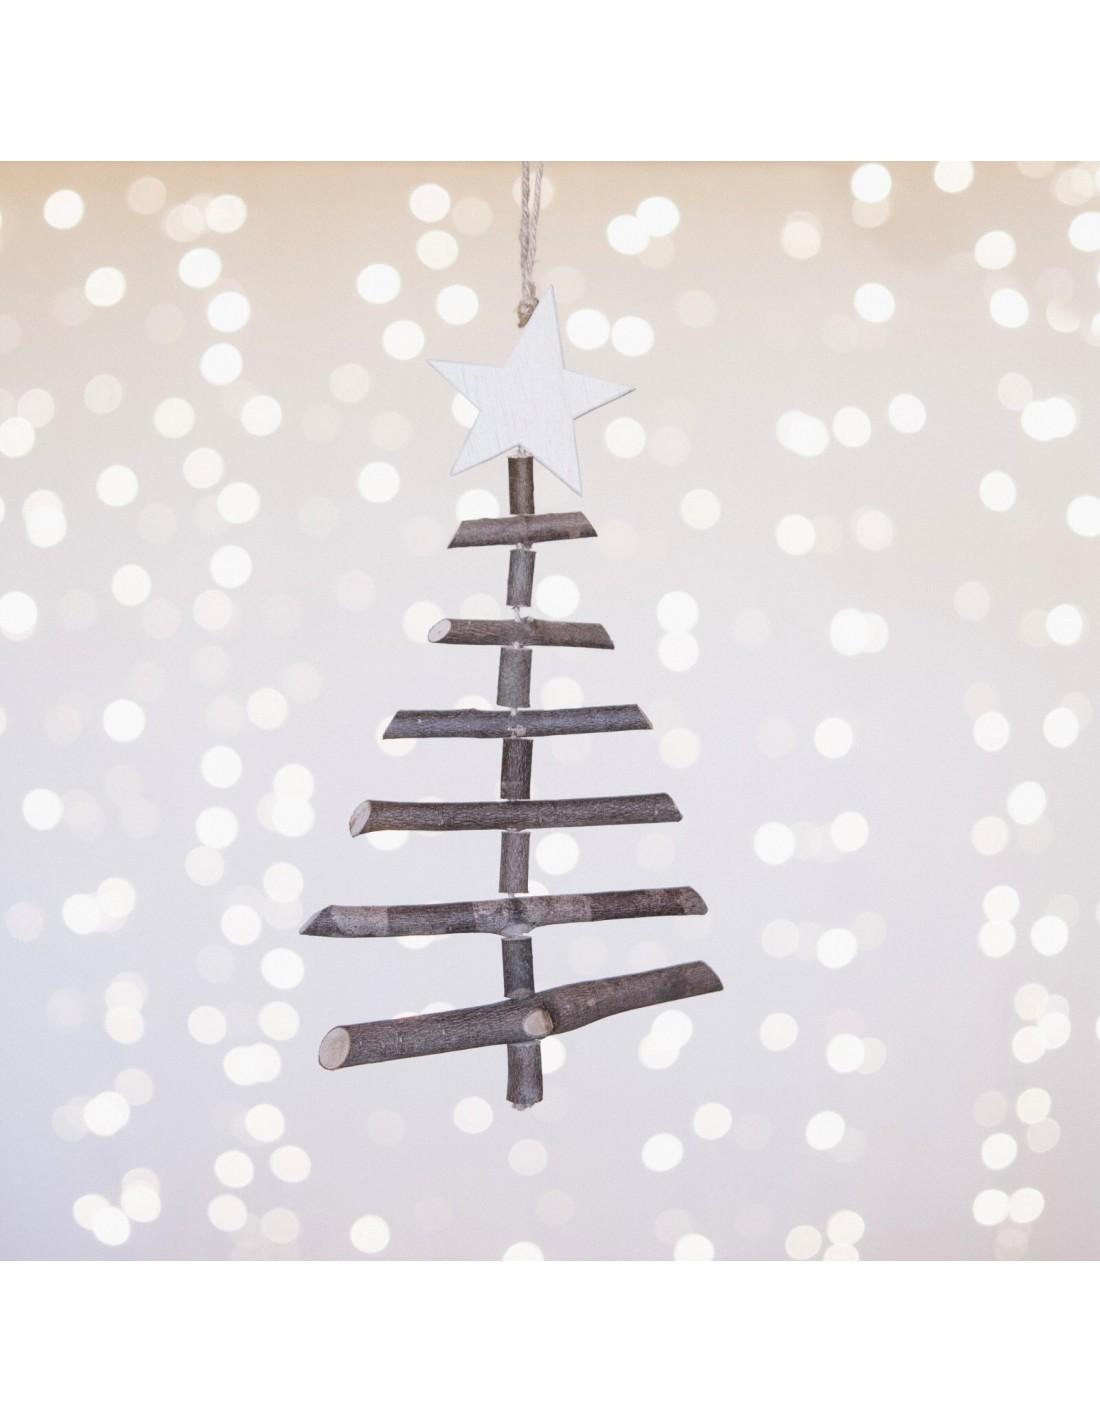 Rbol navidad ramas peque o - Arbol navidad pequeno ...